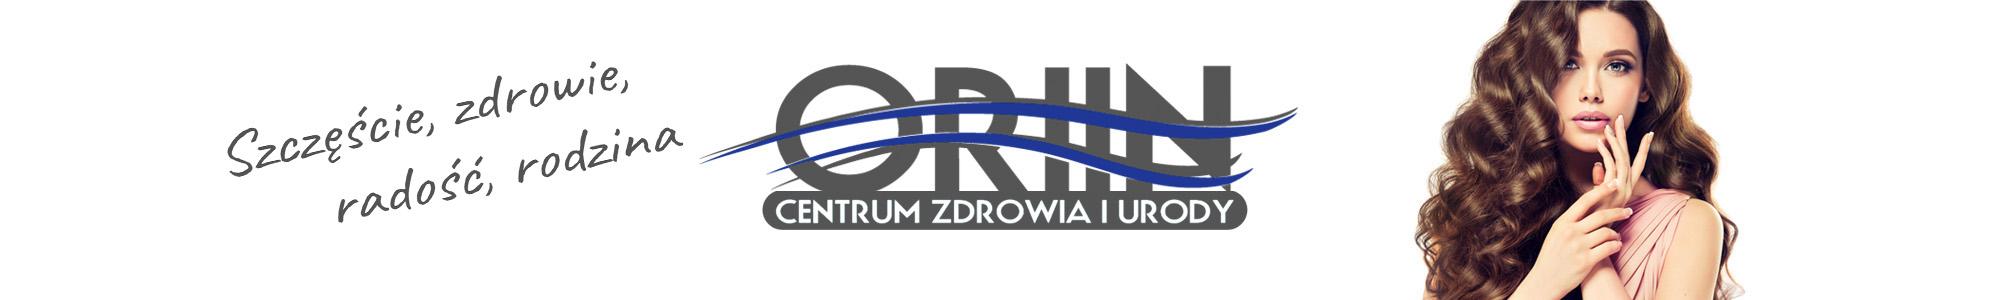 Centrum Zdrowia i Urody Oriin